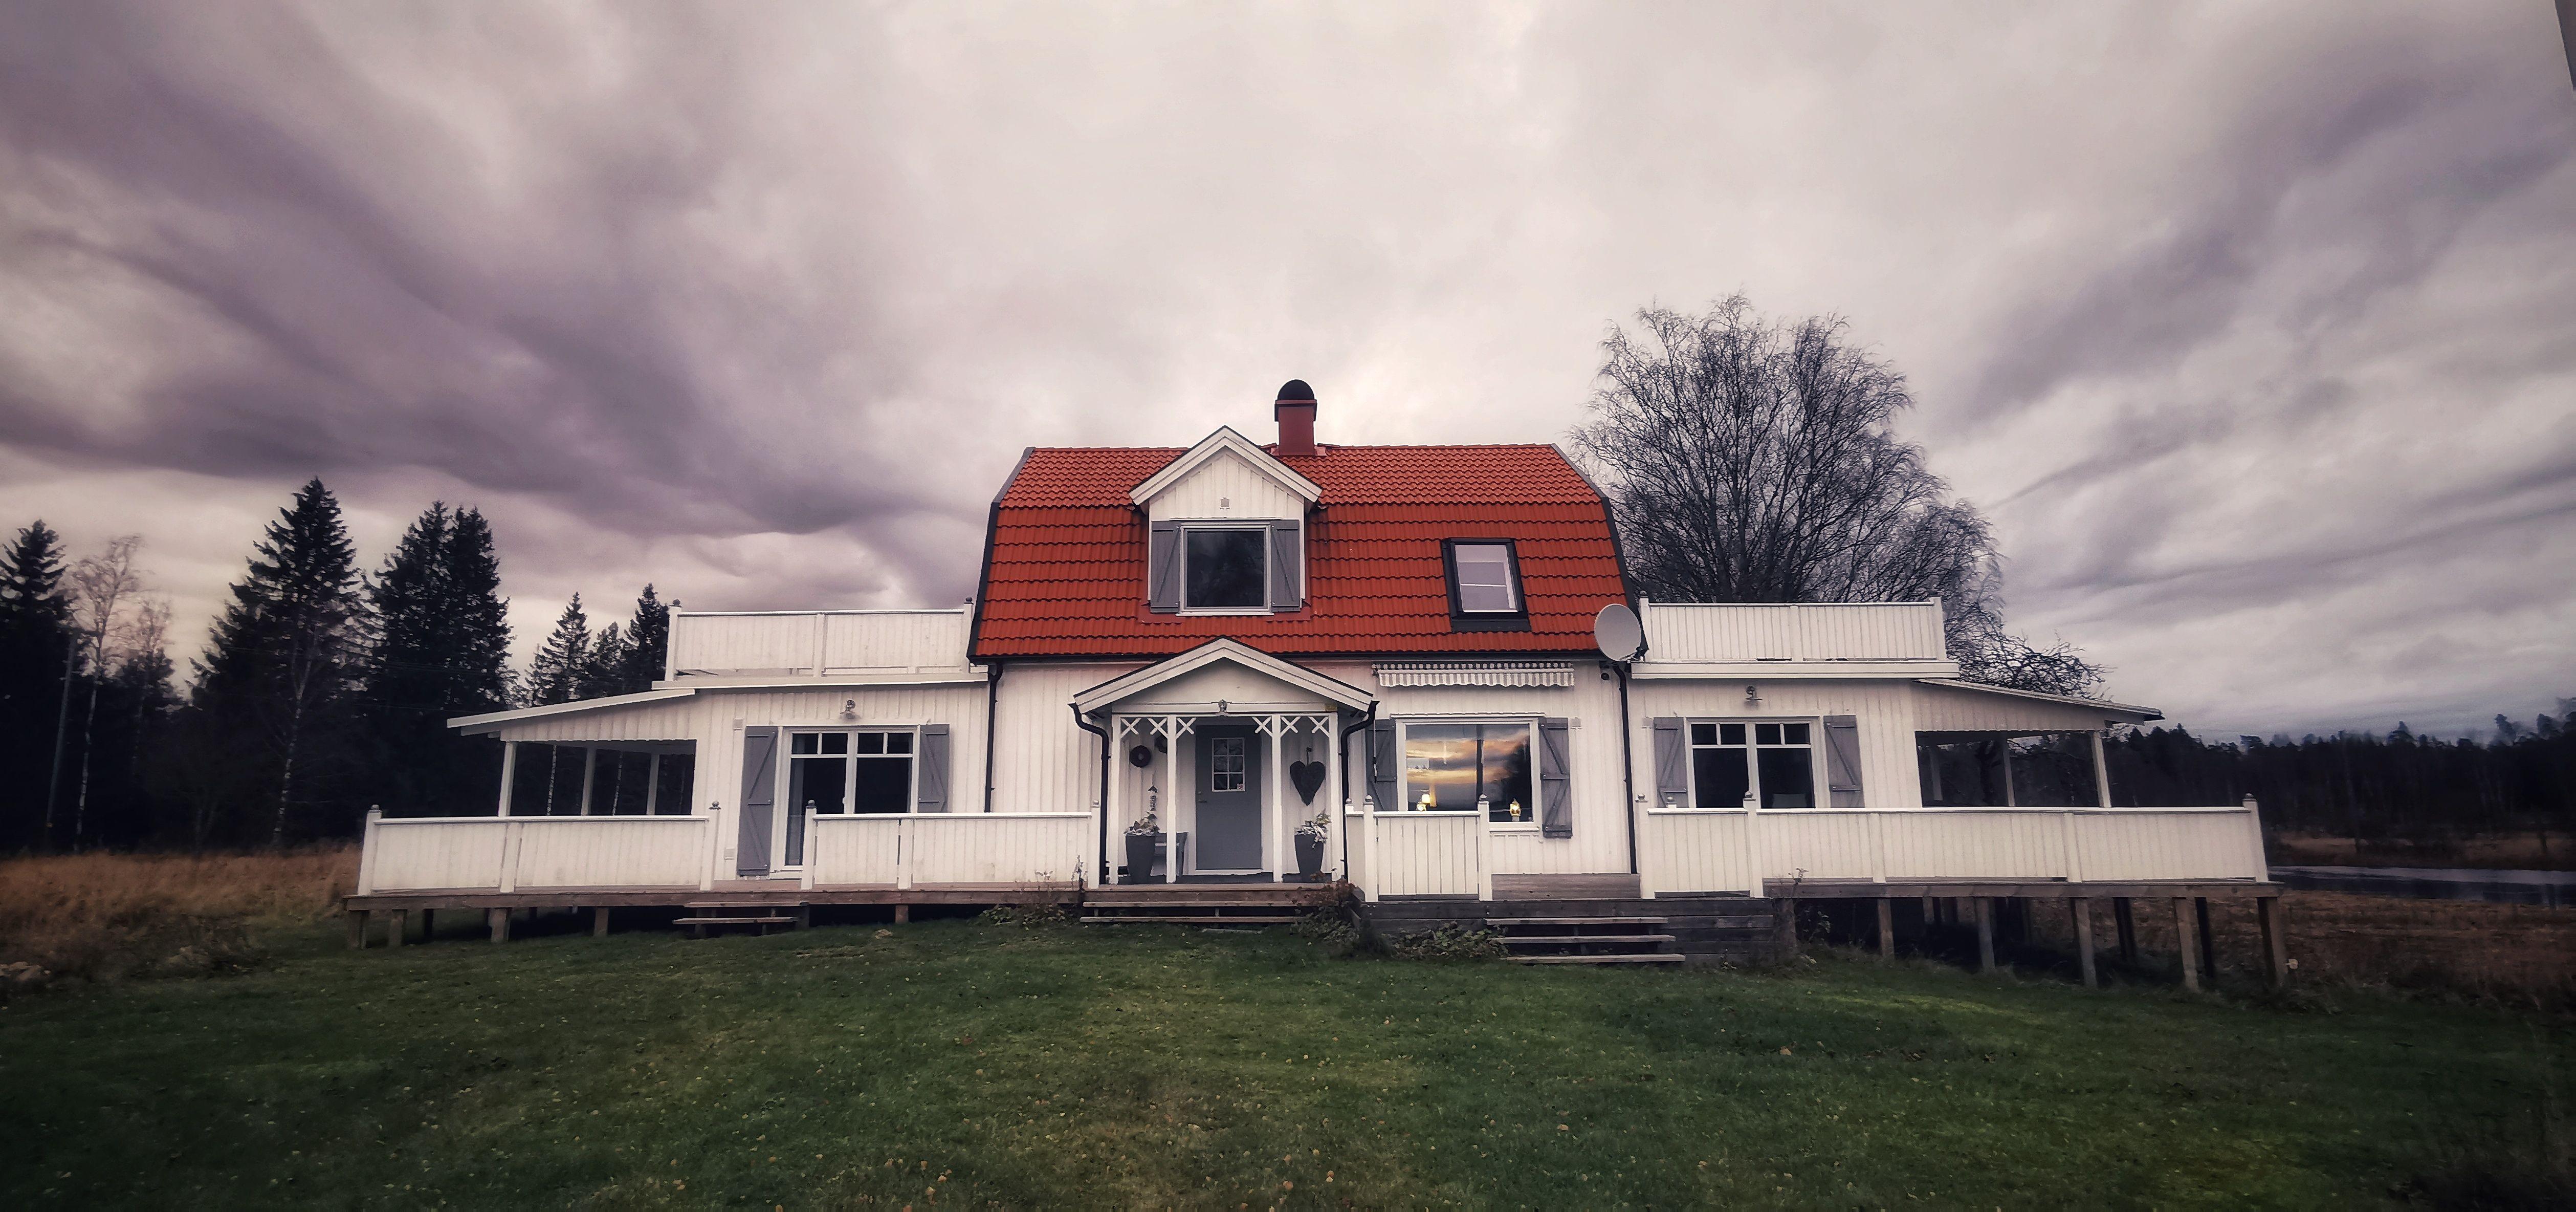 Ferienhaus in Schweden, Südschweden, Västergötland, für 8